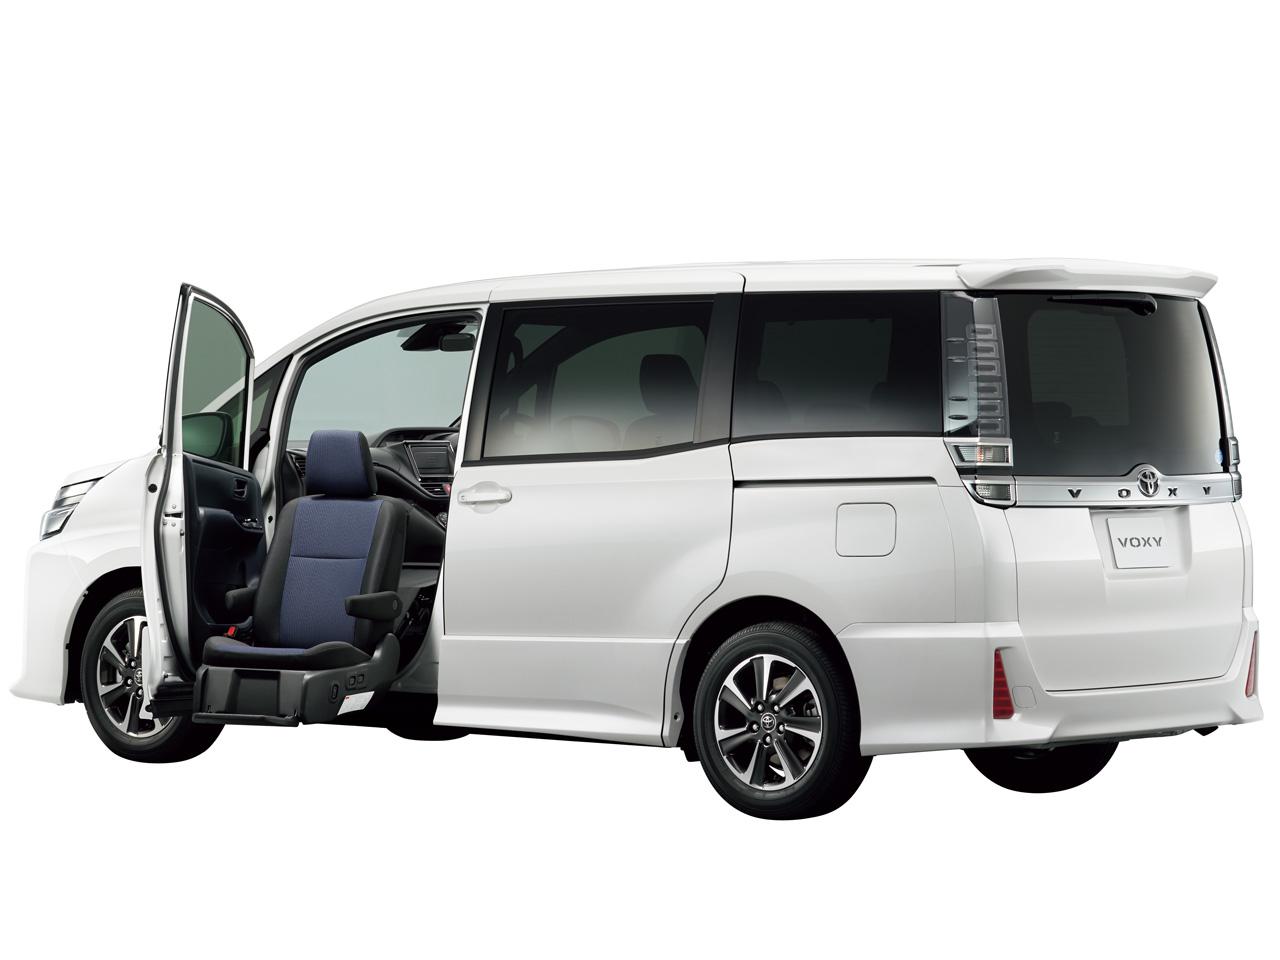 ヴォクシー 福祉車両 2014年モデル の製品画... 価格.com - ヴォクシー 福祉車両